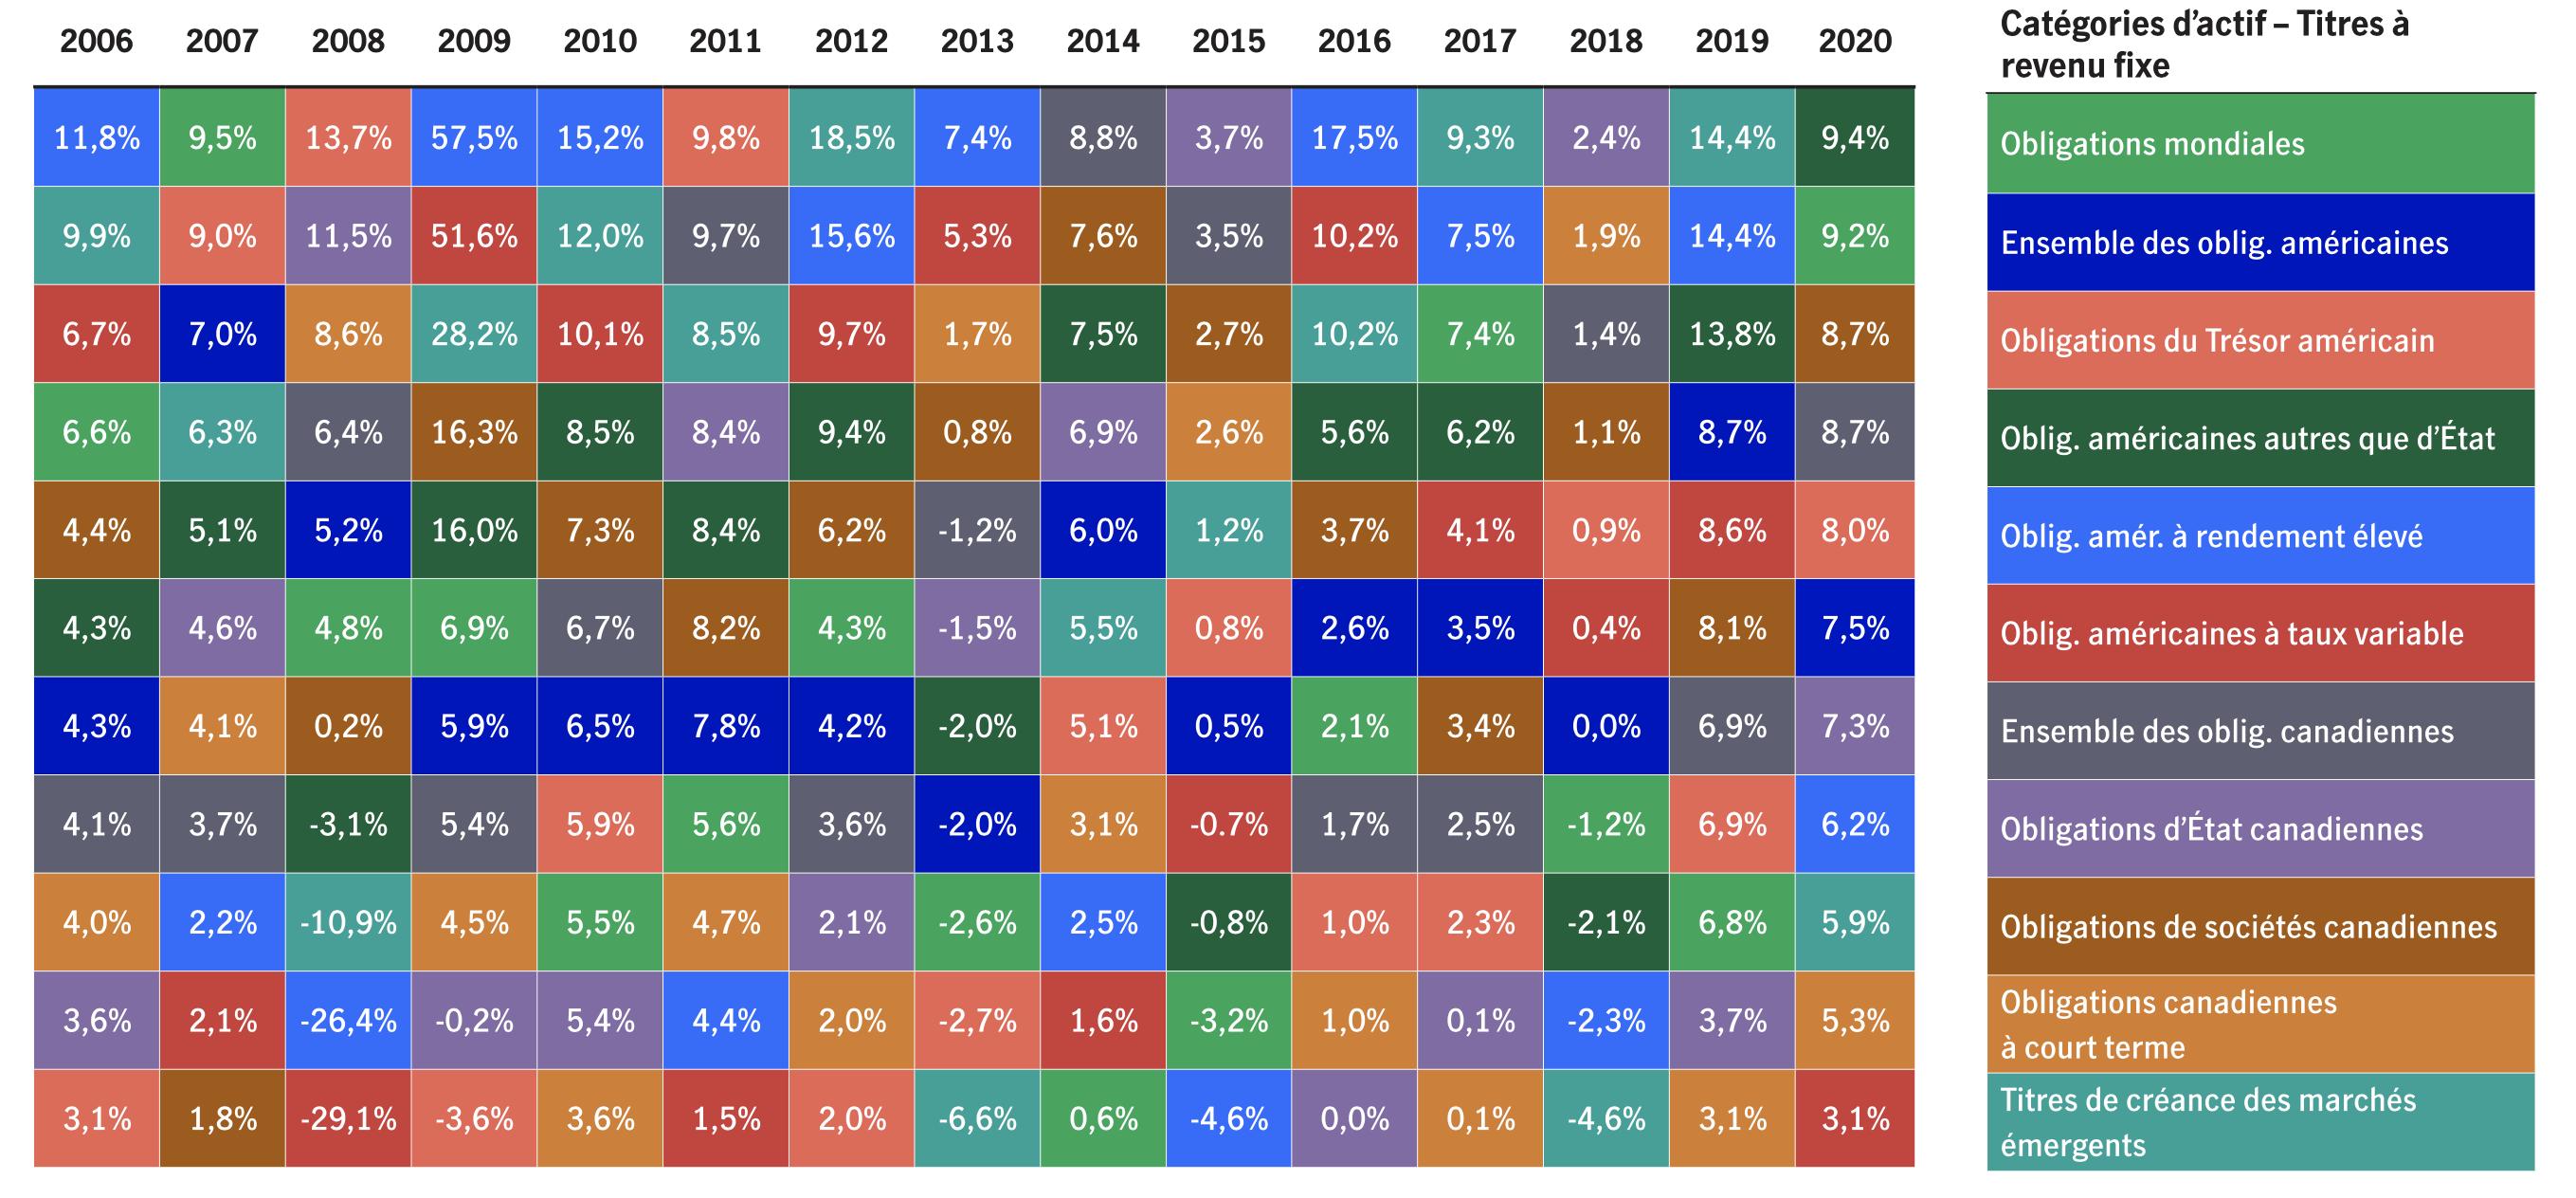 En période de volatilité, il est d'autant plus important d'avoir une stratégie dynamique en matière de titres à revenu fixe que les différents types de titres à revenu fixe se comportent différemment selon le contexte. Il est extrêmement rare qu'un type de revenu fixe se maintienne en haut du palmarès plusieurs années de suite.